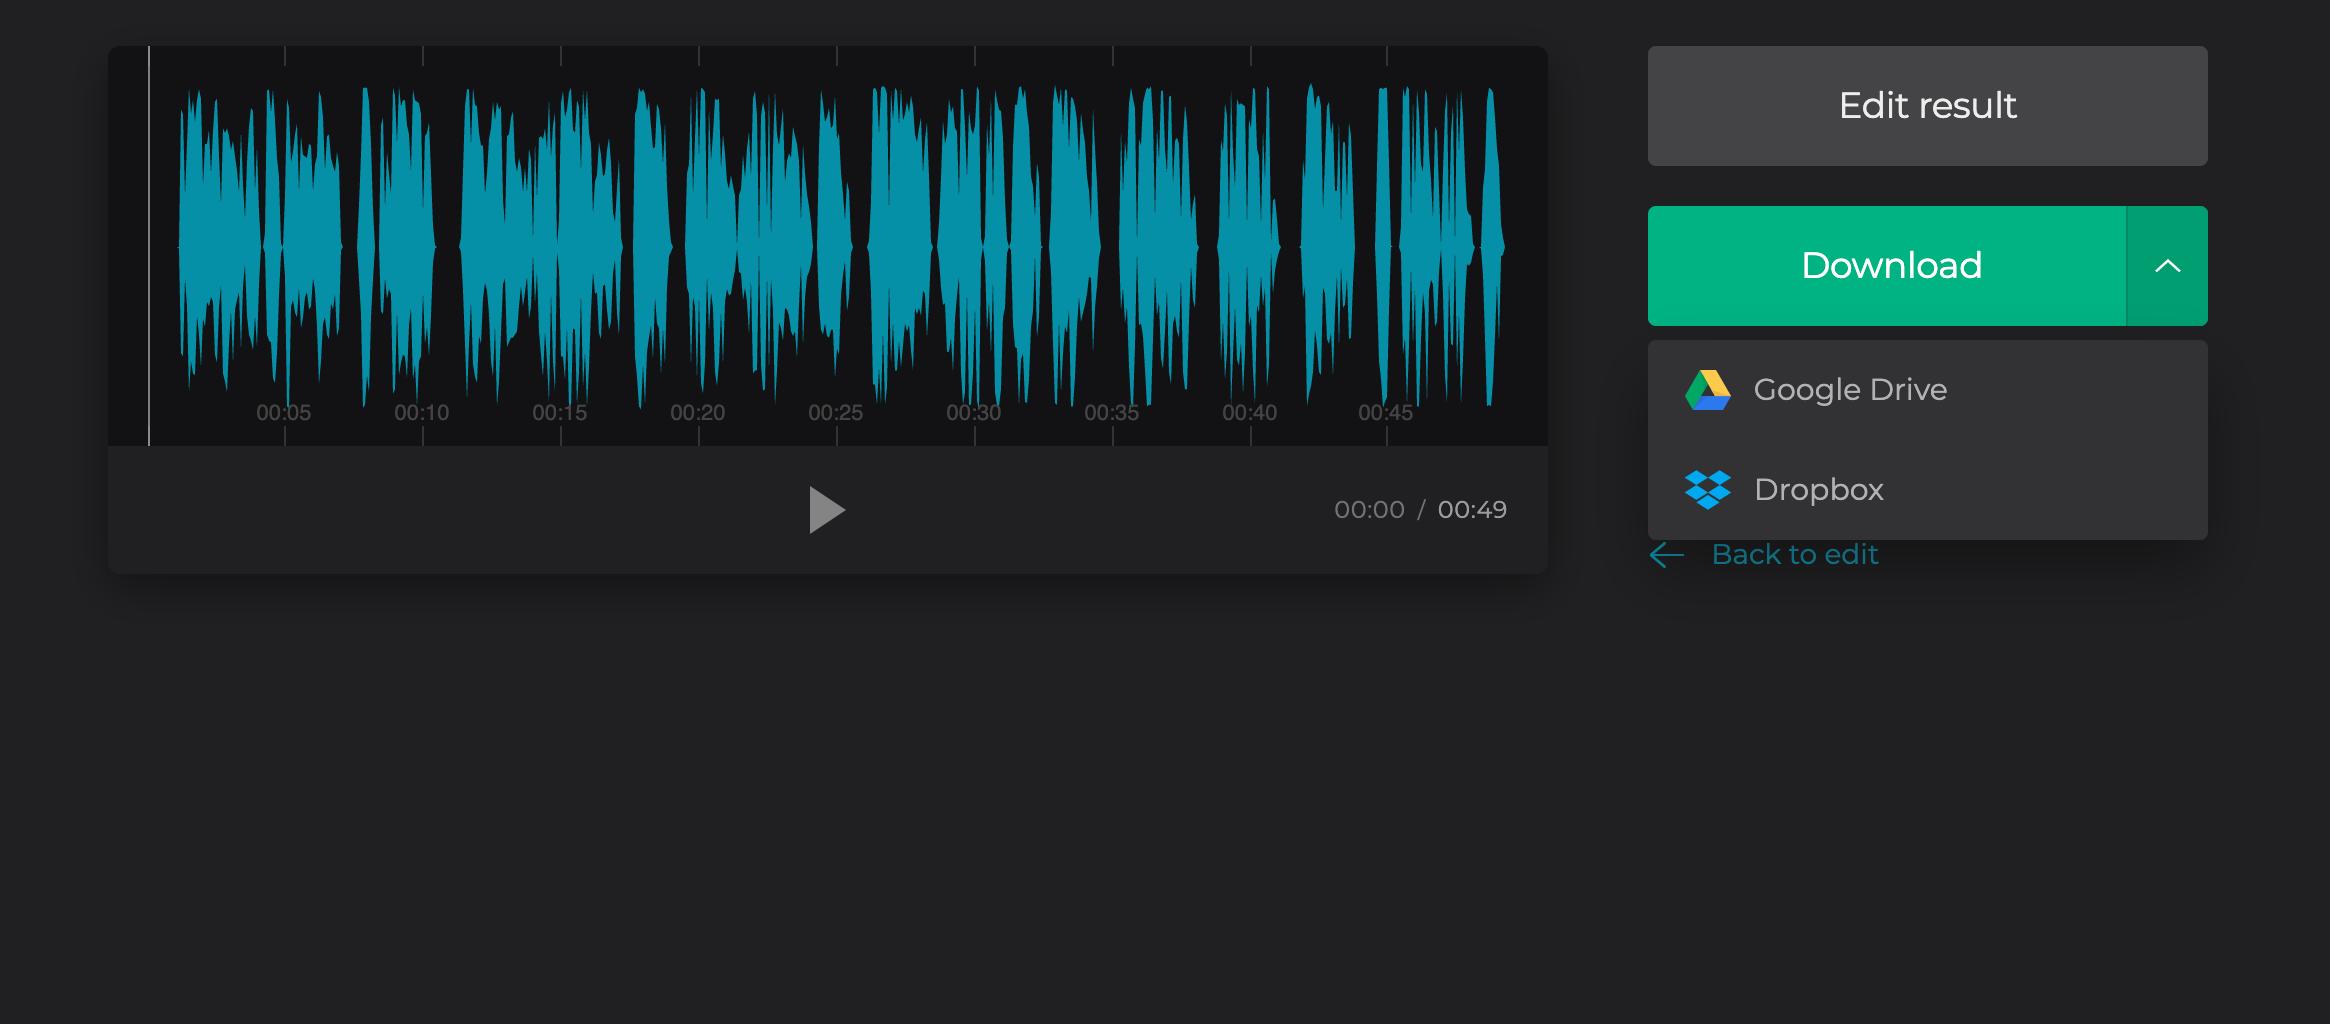 Download Soundcloud in WAV